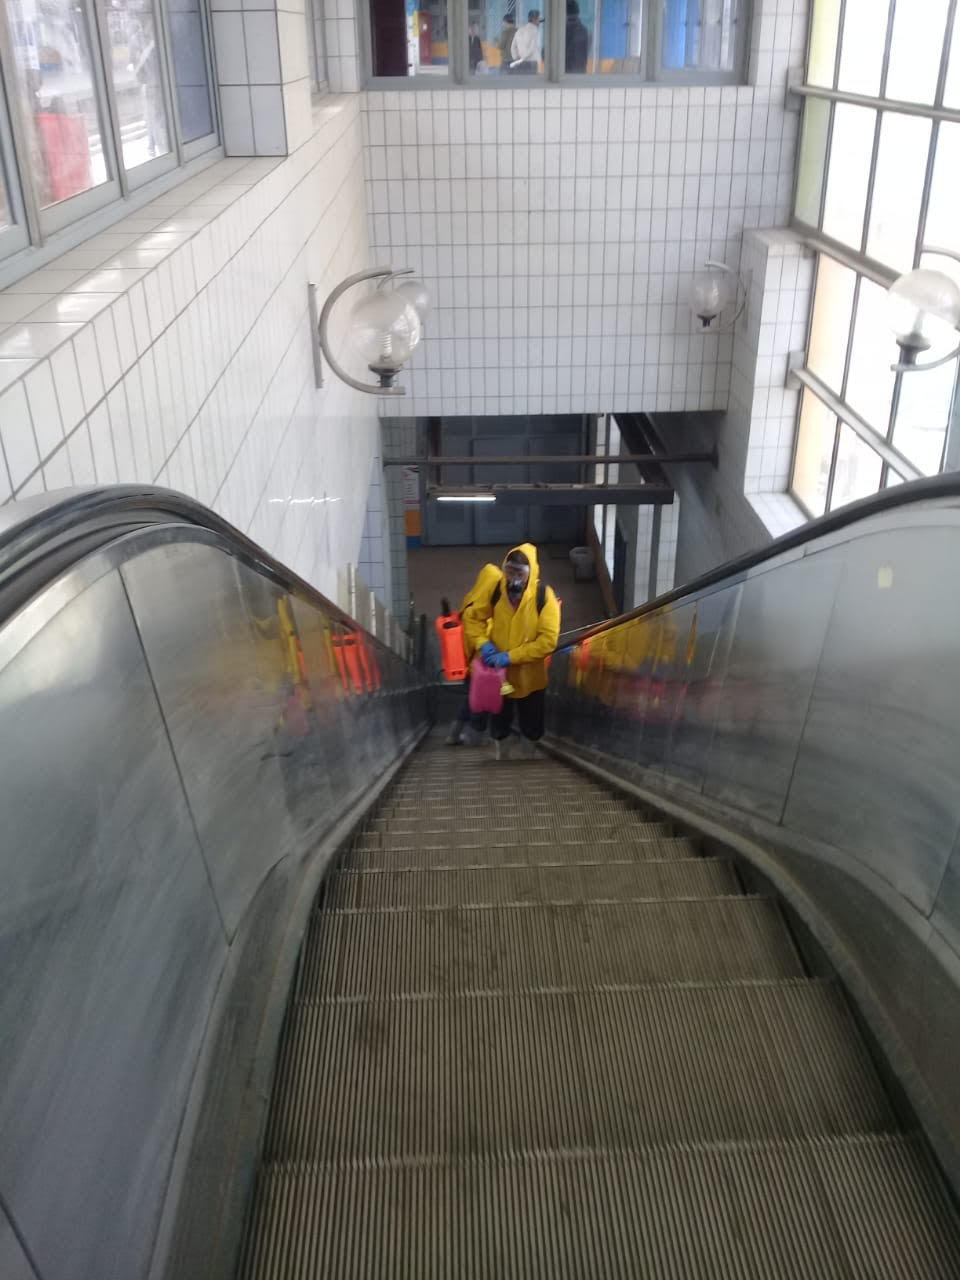 المترو يواصل أعمال تعقيم وتطهير القطارات والمحطات ضد كورونا (6)